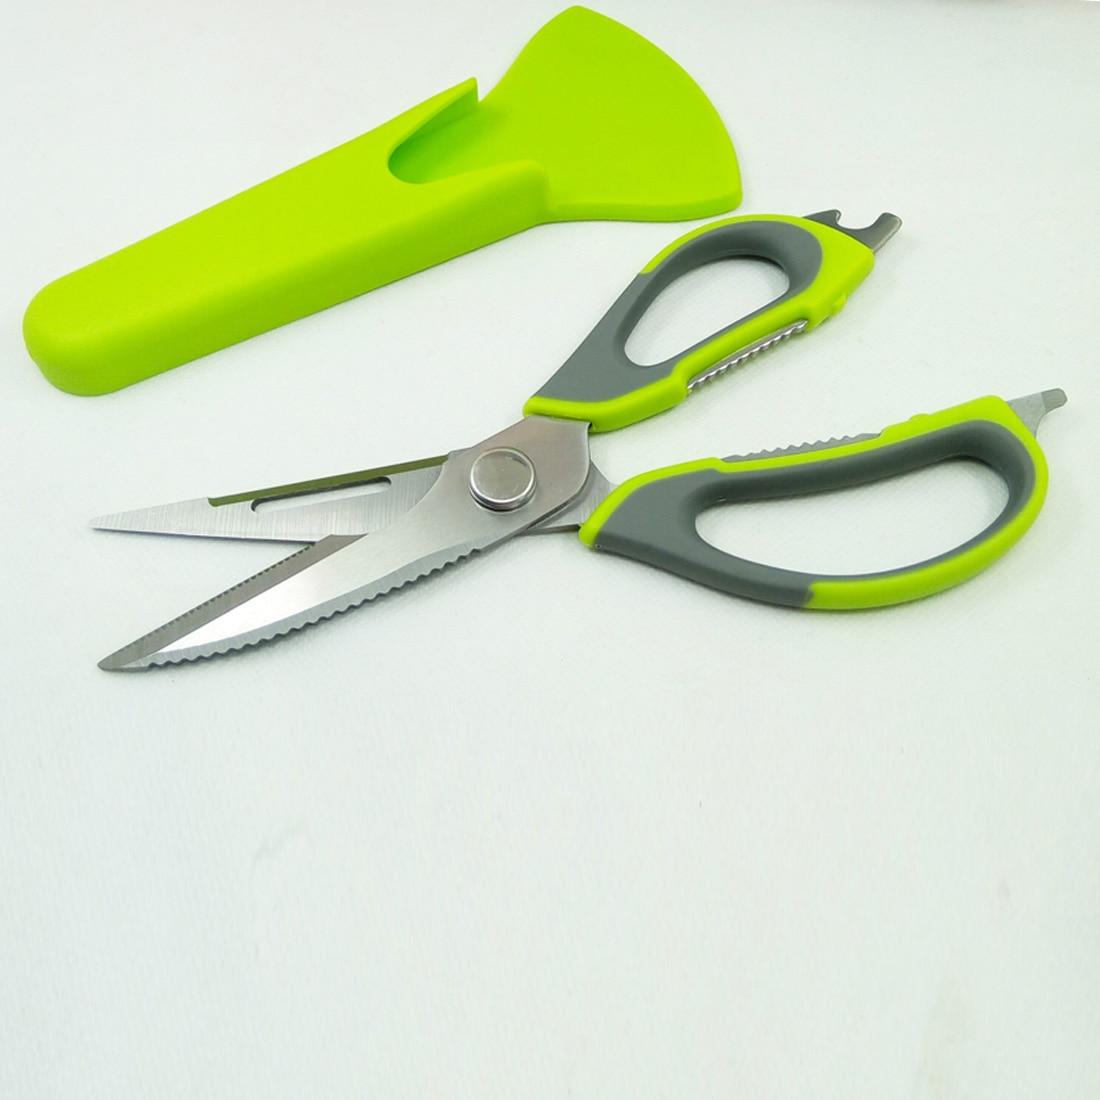 Alta calidad cocina tijeras cuchillo para pescado pollo hogar Acero inoxidable multifunción cortador tijeras herramientas de cocina